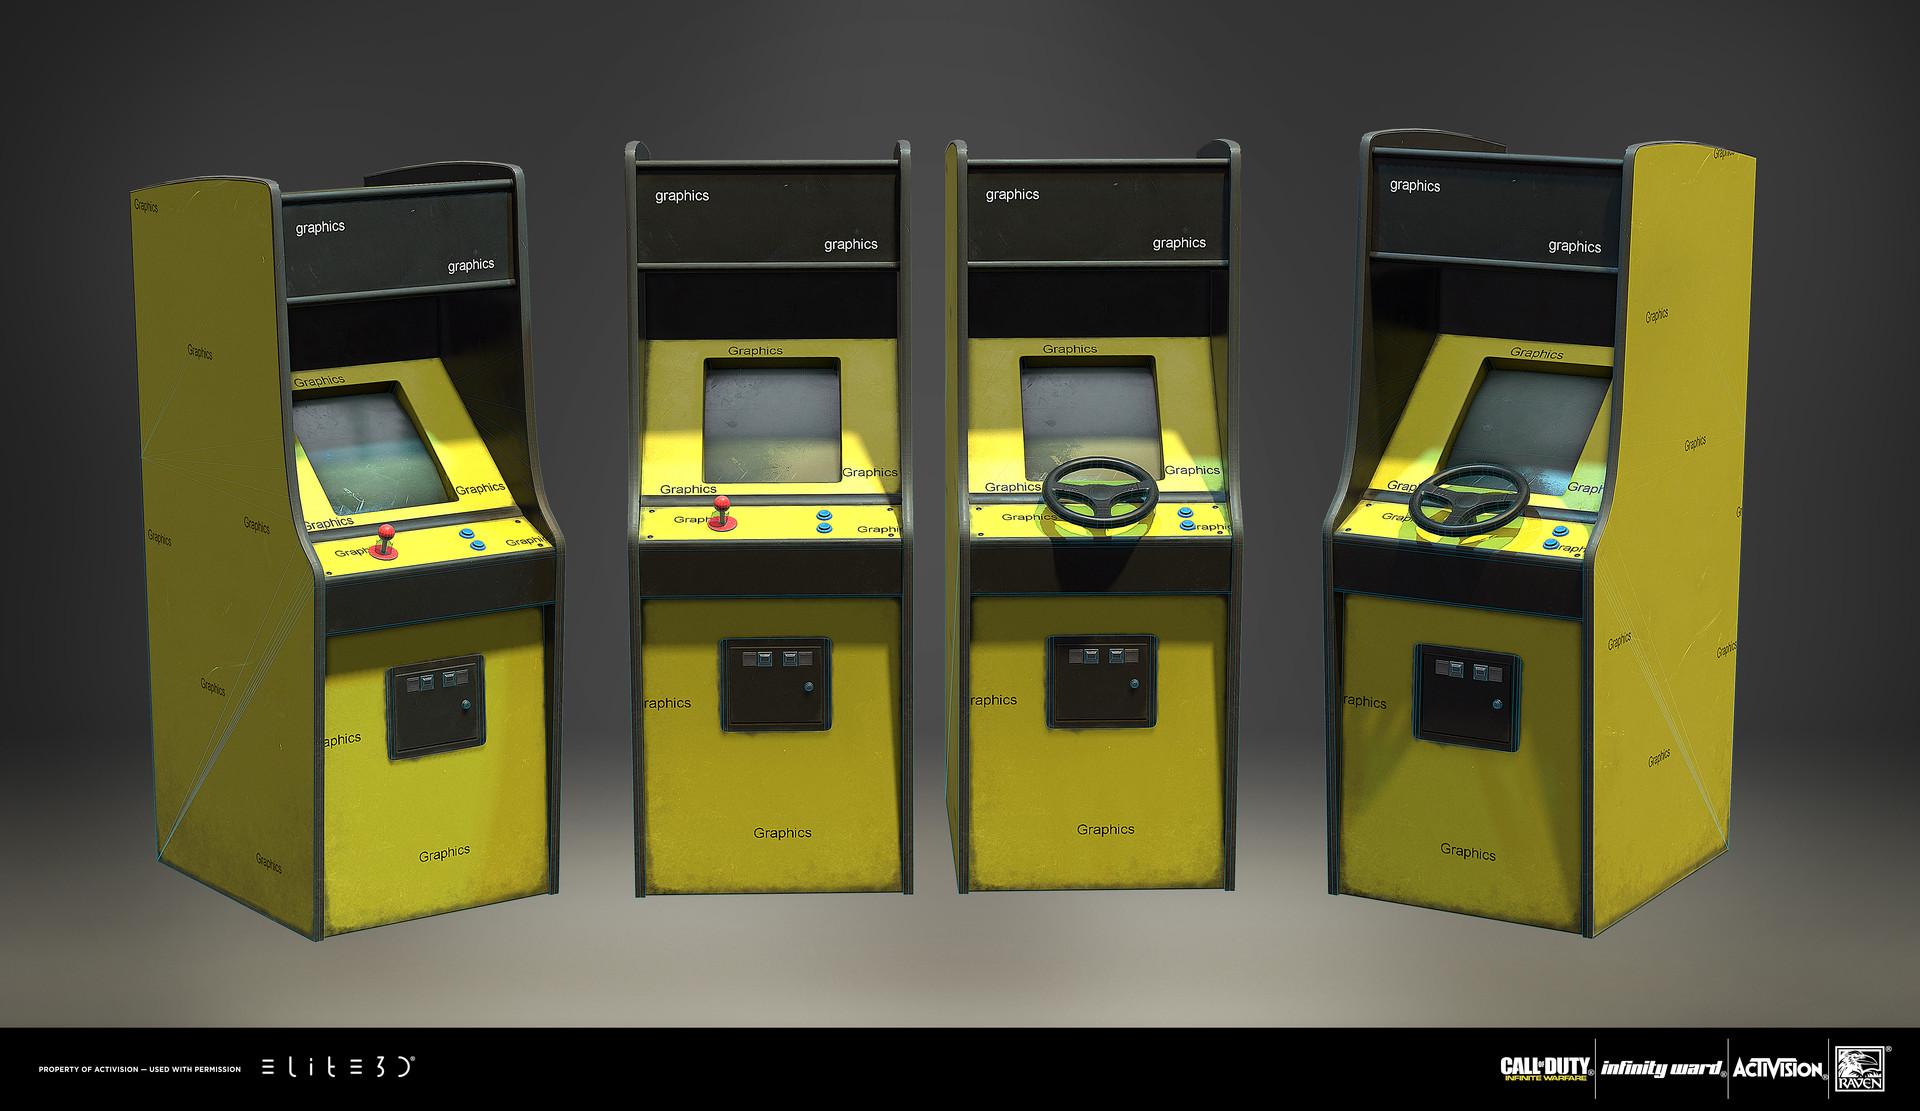 Boy sichterman elite3d iw park arcade